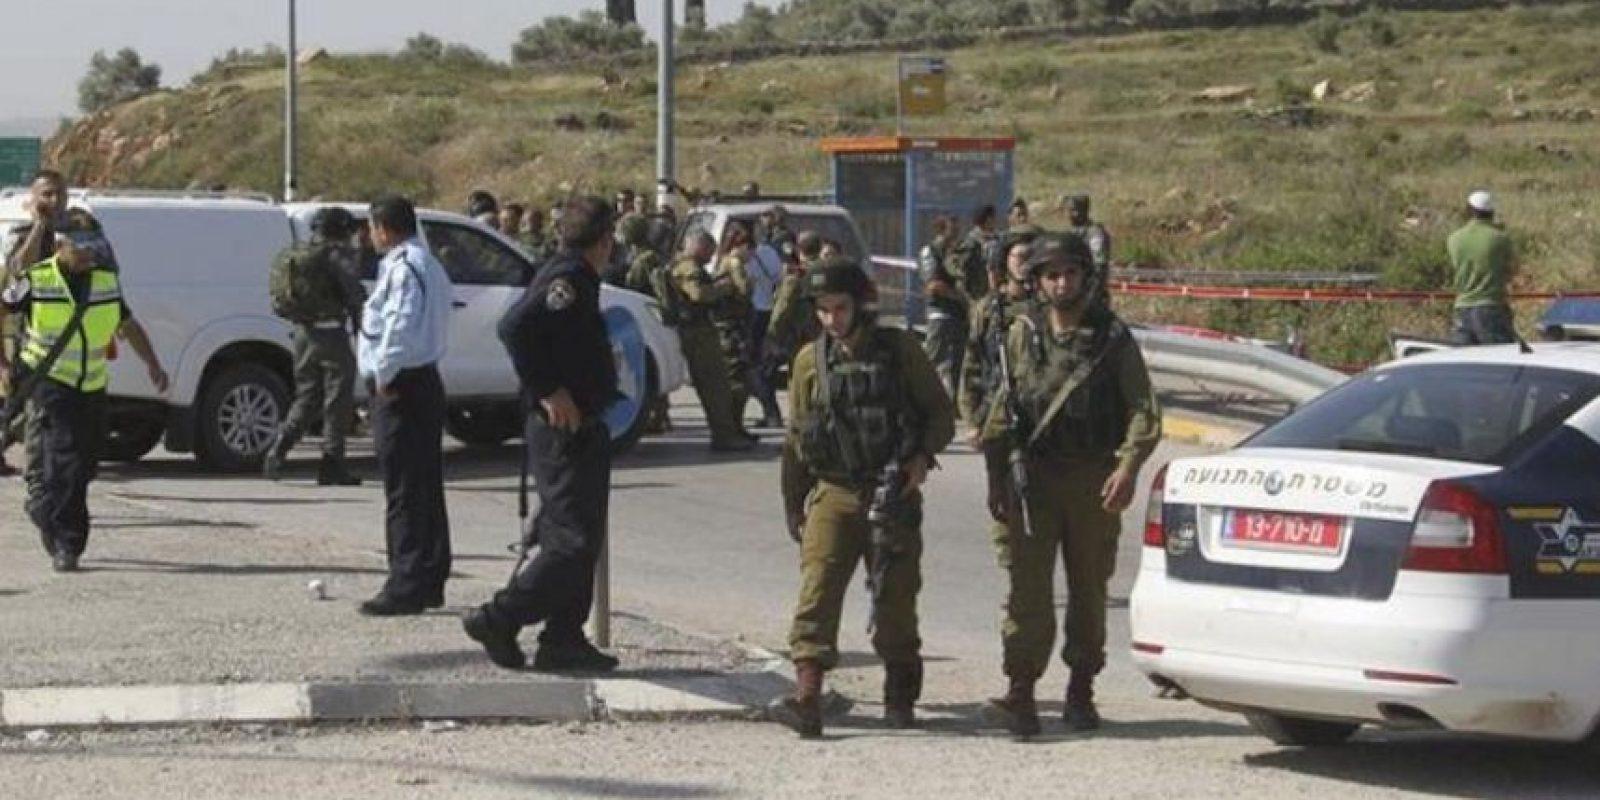 Soldados israelíes cortan las carreteras del cruce Tapuah, junto a la ciudad cisjordana de Nablus, donde un palestino ha matado a un colono israelí, en circunstancias aún confusas. EFE